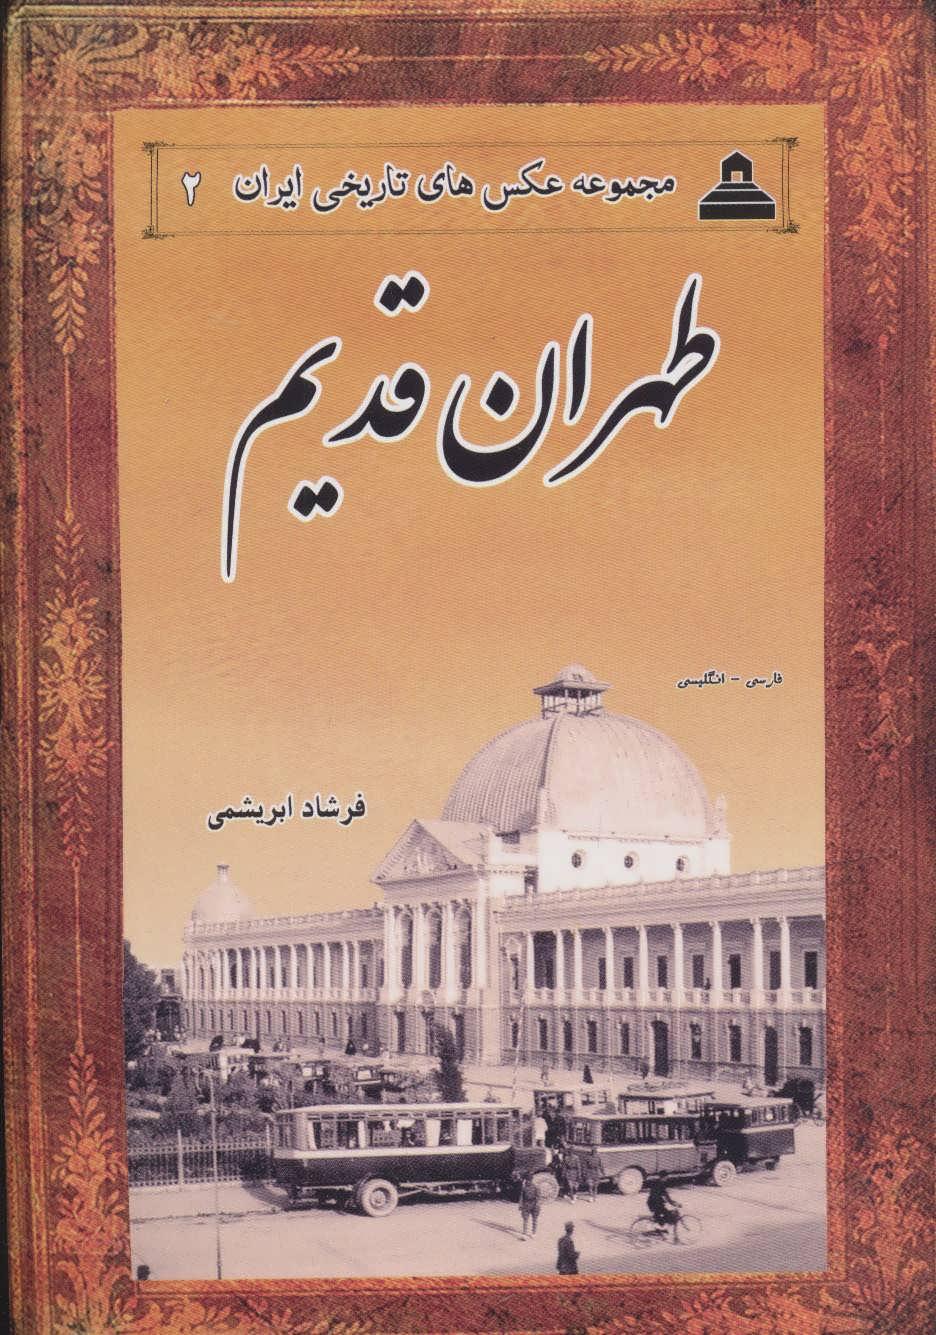 عكس هاي تاريخي ايران 2 (طهران قديم)